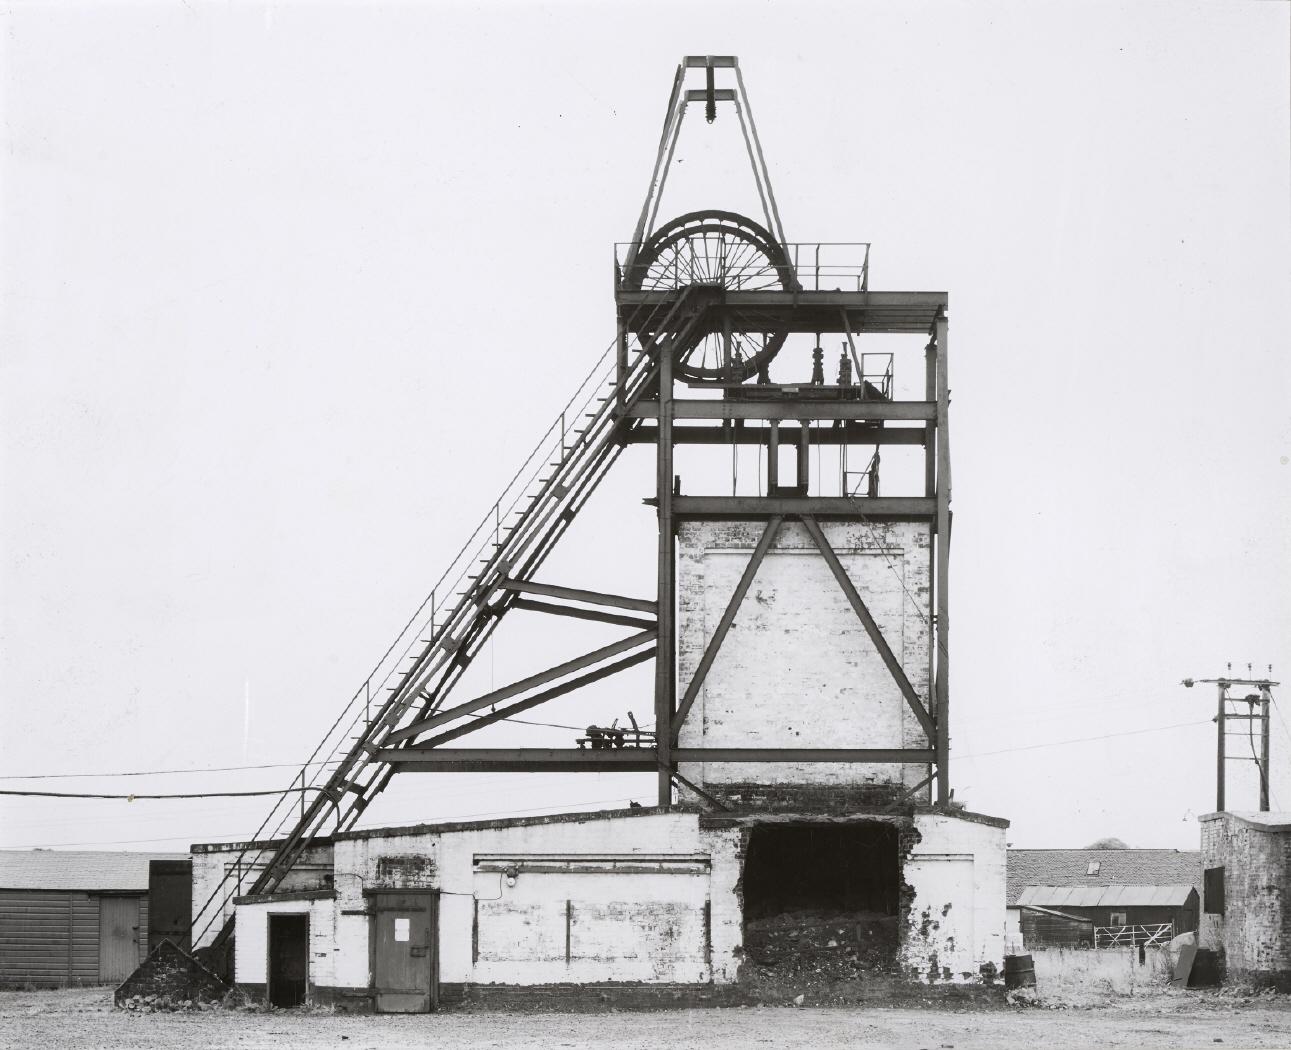 BERND & HILLA BECHER. Förderturm ca. 1920, Glasgow